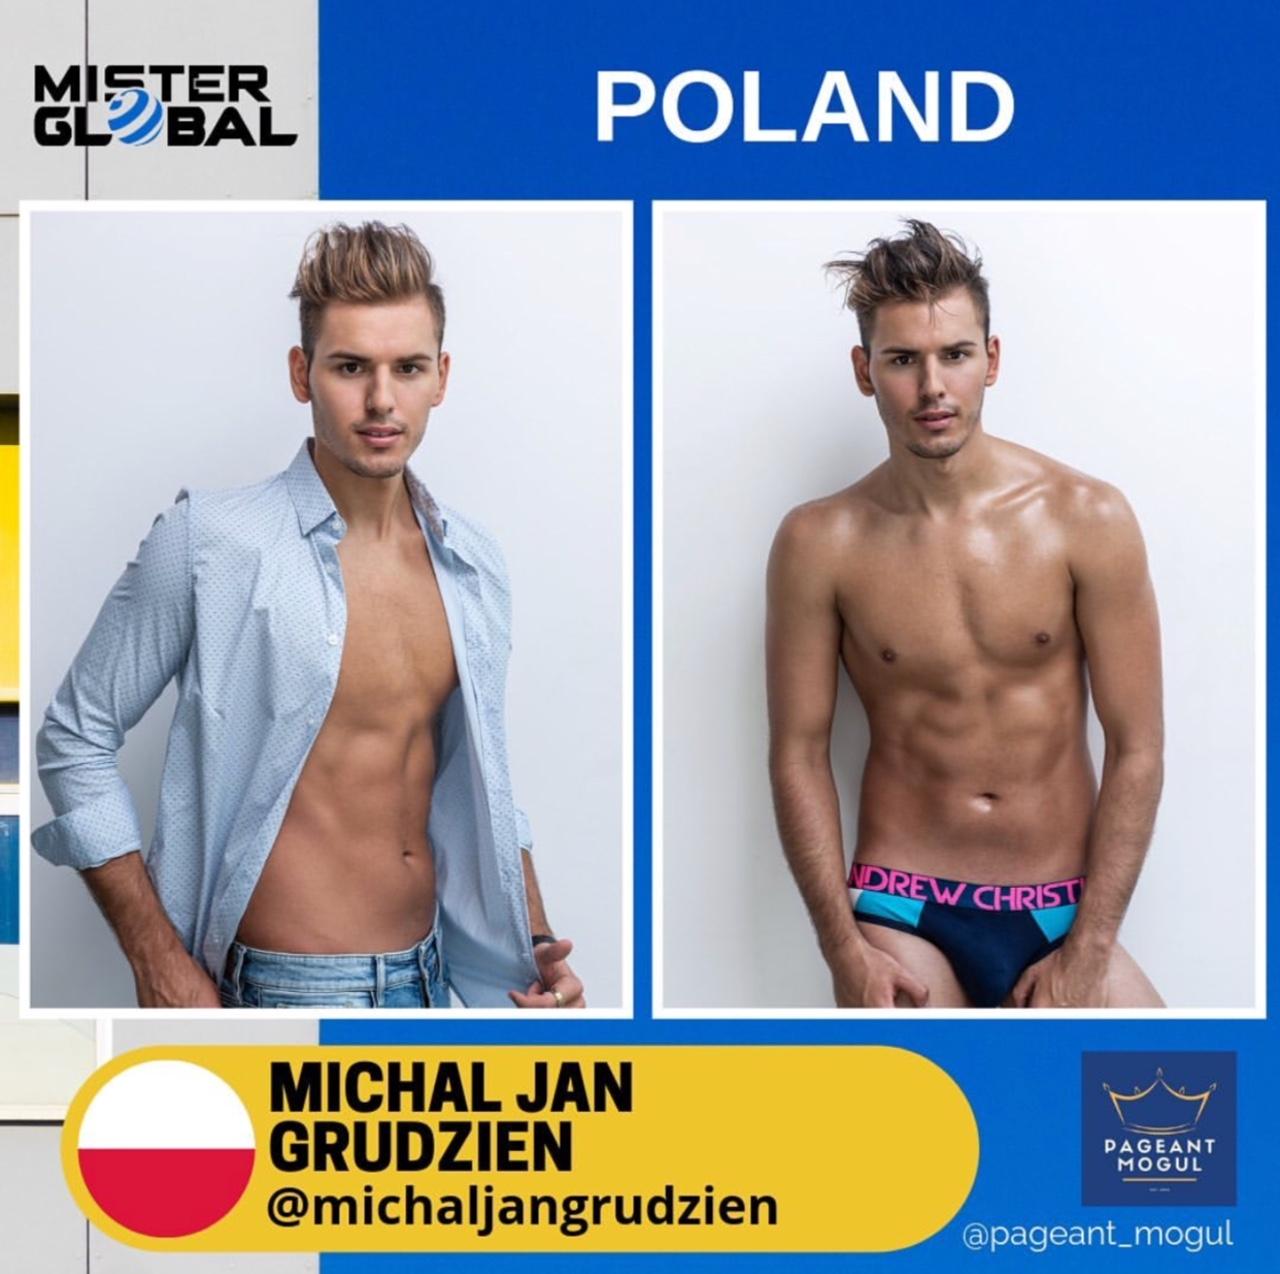 Michał Grudzień na wyborach Mister Global 2019